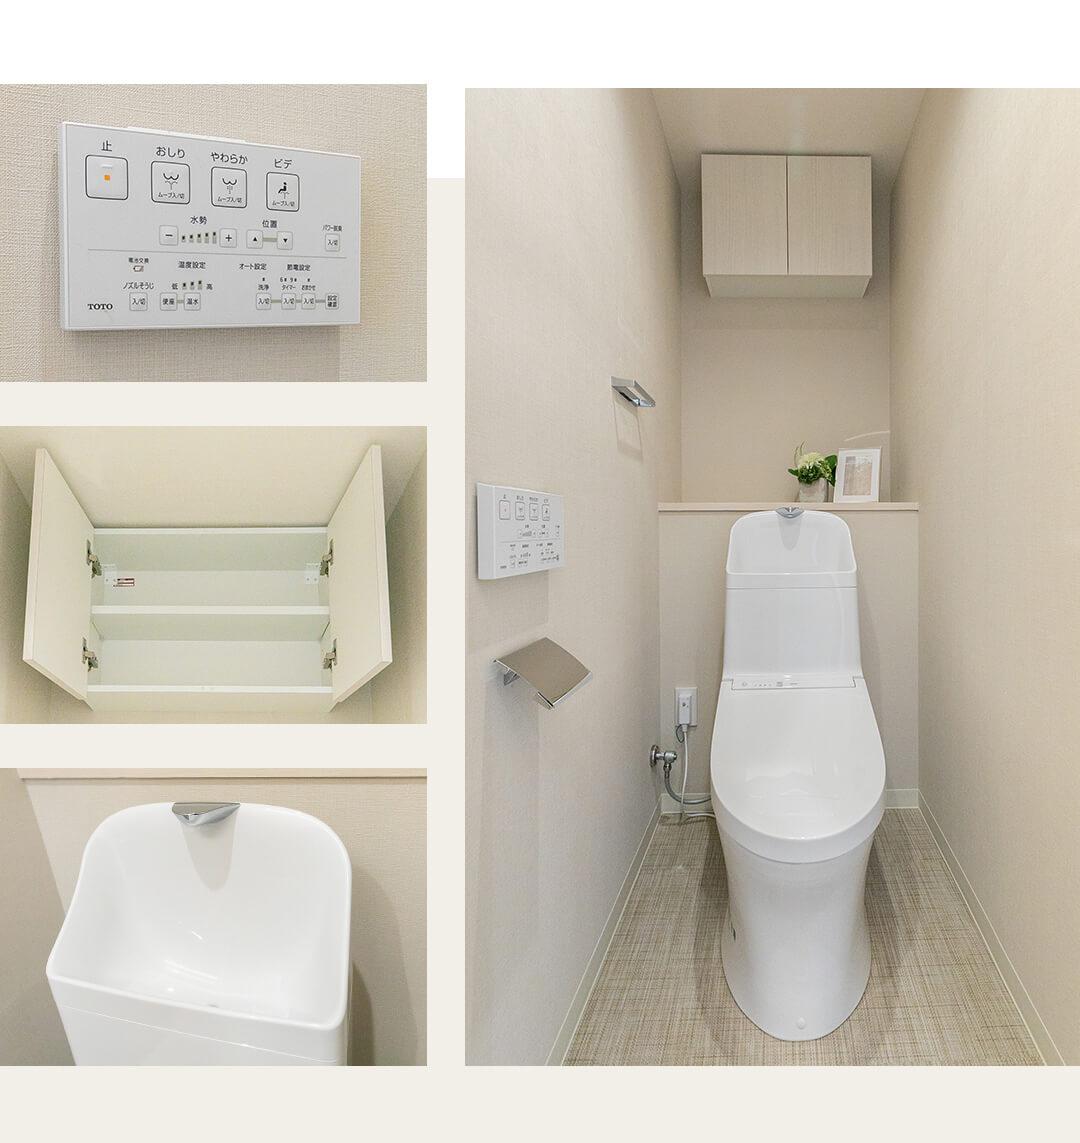 学芸大学グリーンハイツのトイレ